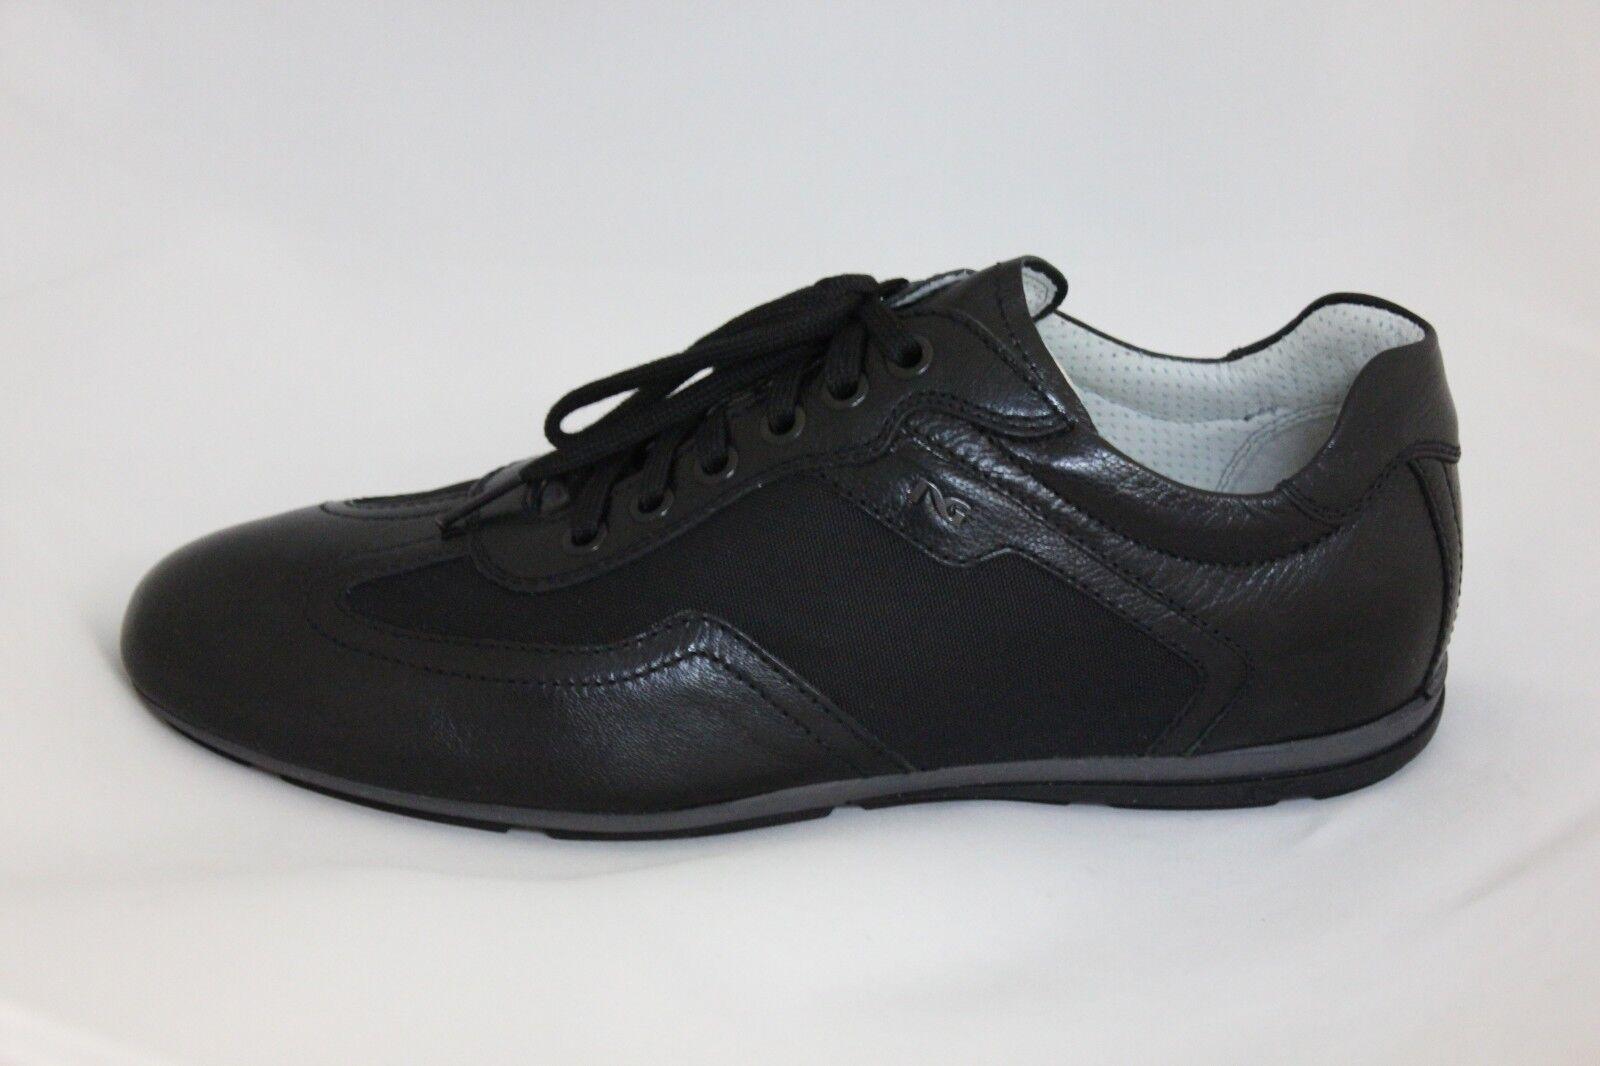 Scarpa sneakers nero pelle GIARDINI laccio cameriere 402390 NERO GIARDINI pelle 39 saldi 398181